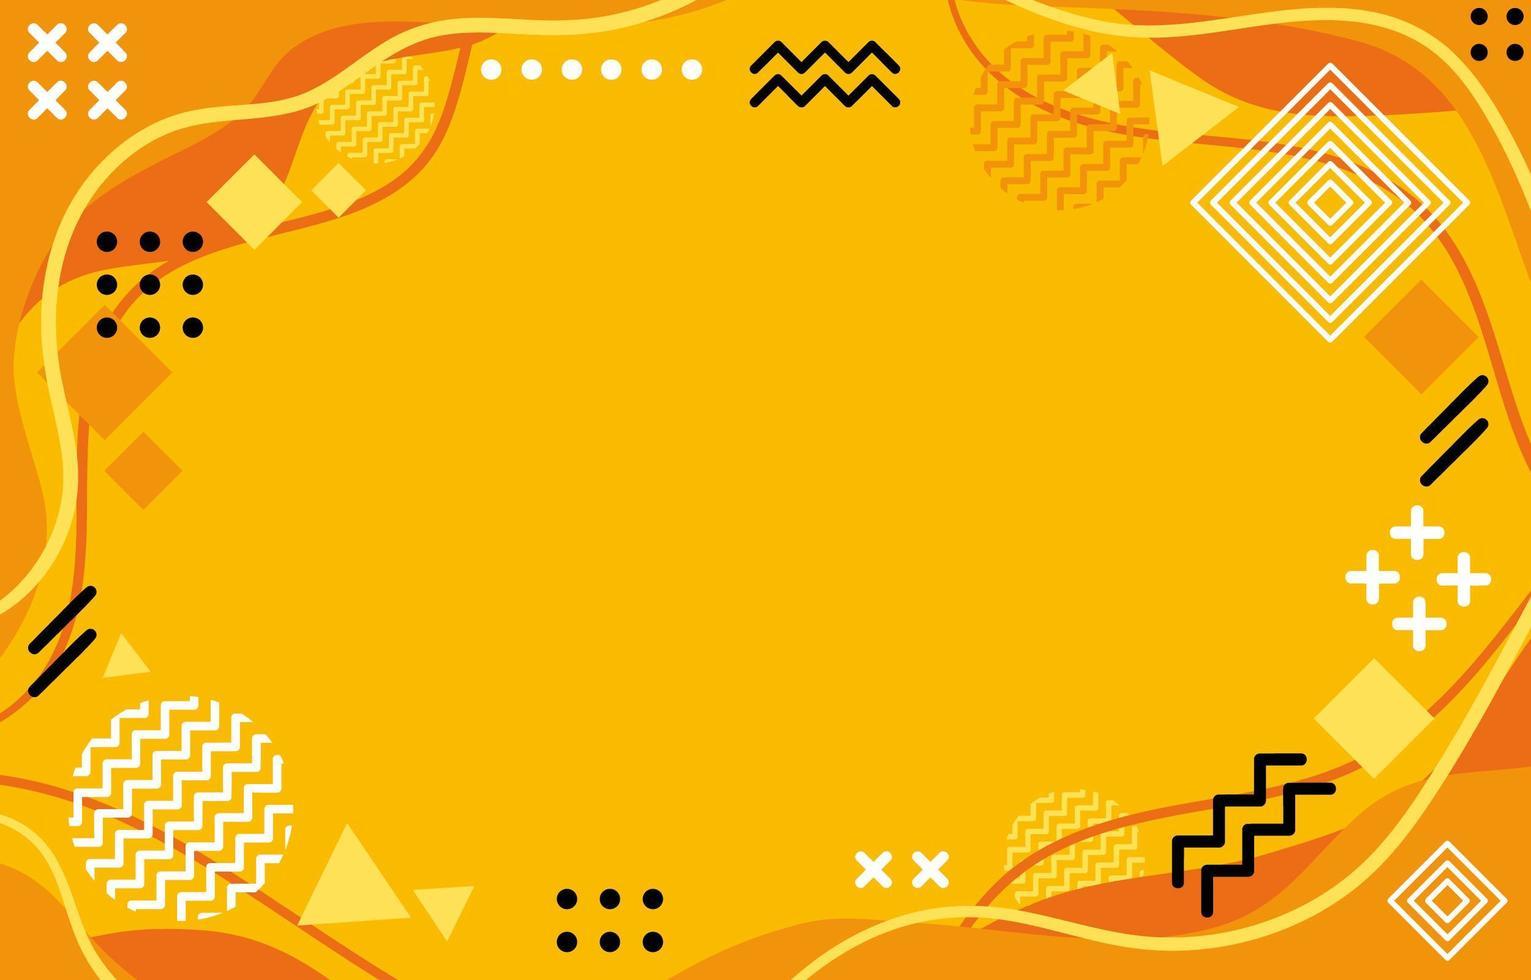 fond géométrique orange vecteur